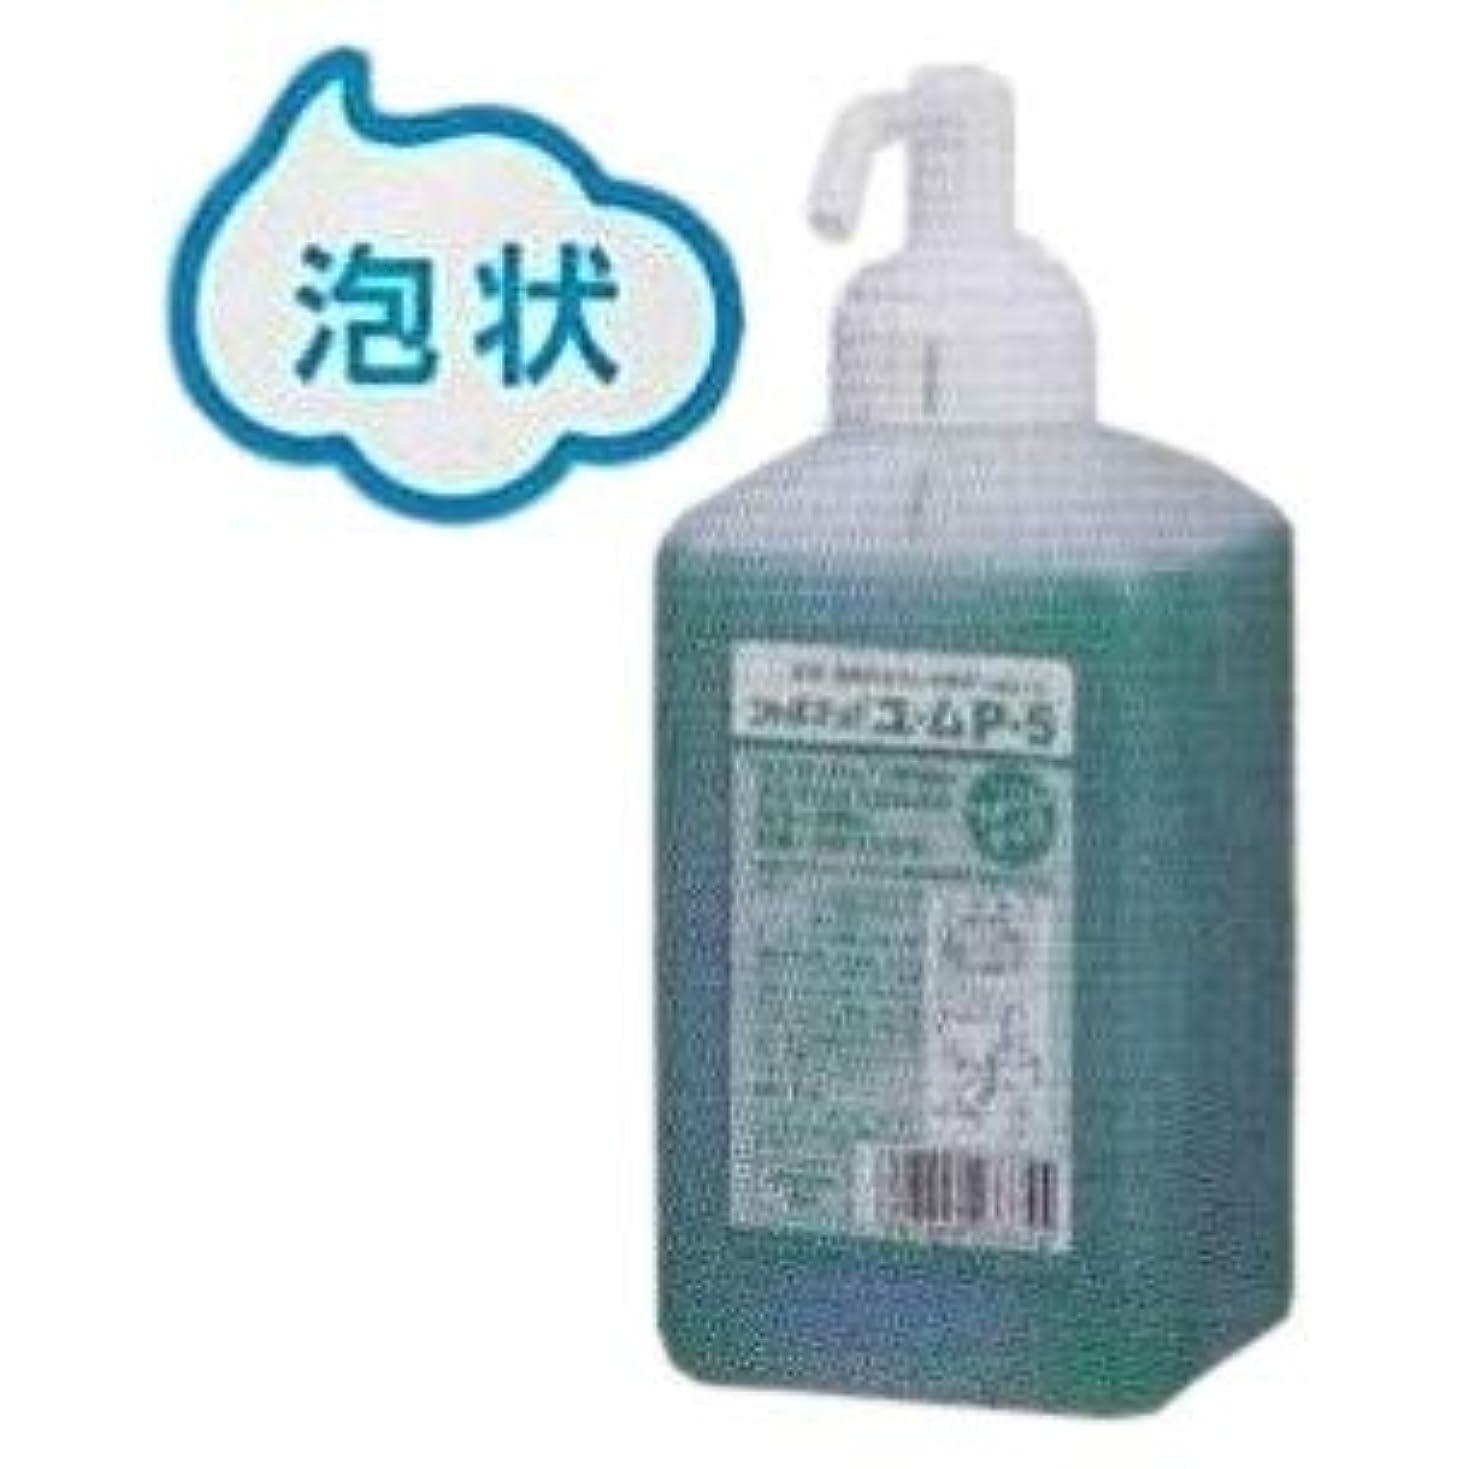 グラフ白鳥ランチサラヤ シャボネット ユ?ムP-5 1kg泡ポンプ付 無香料 サラヤ商品コード:23335